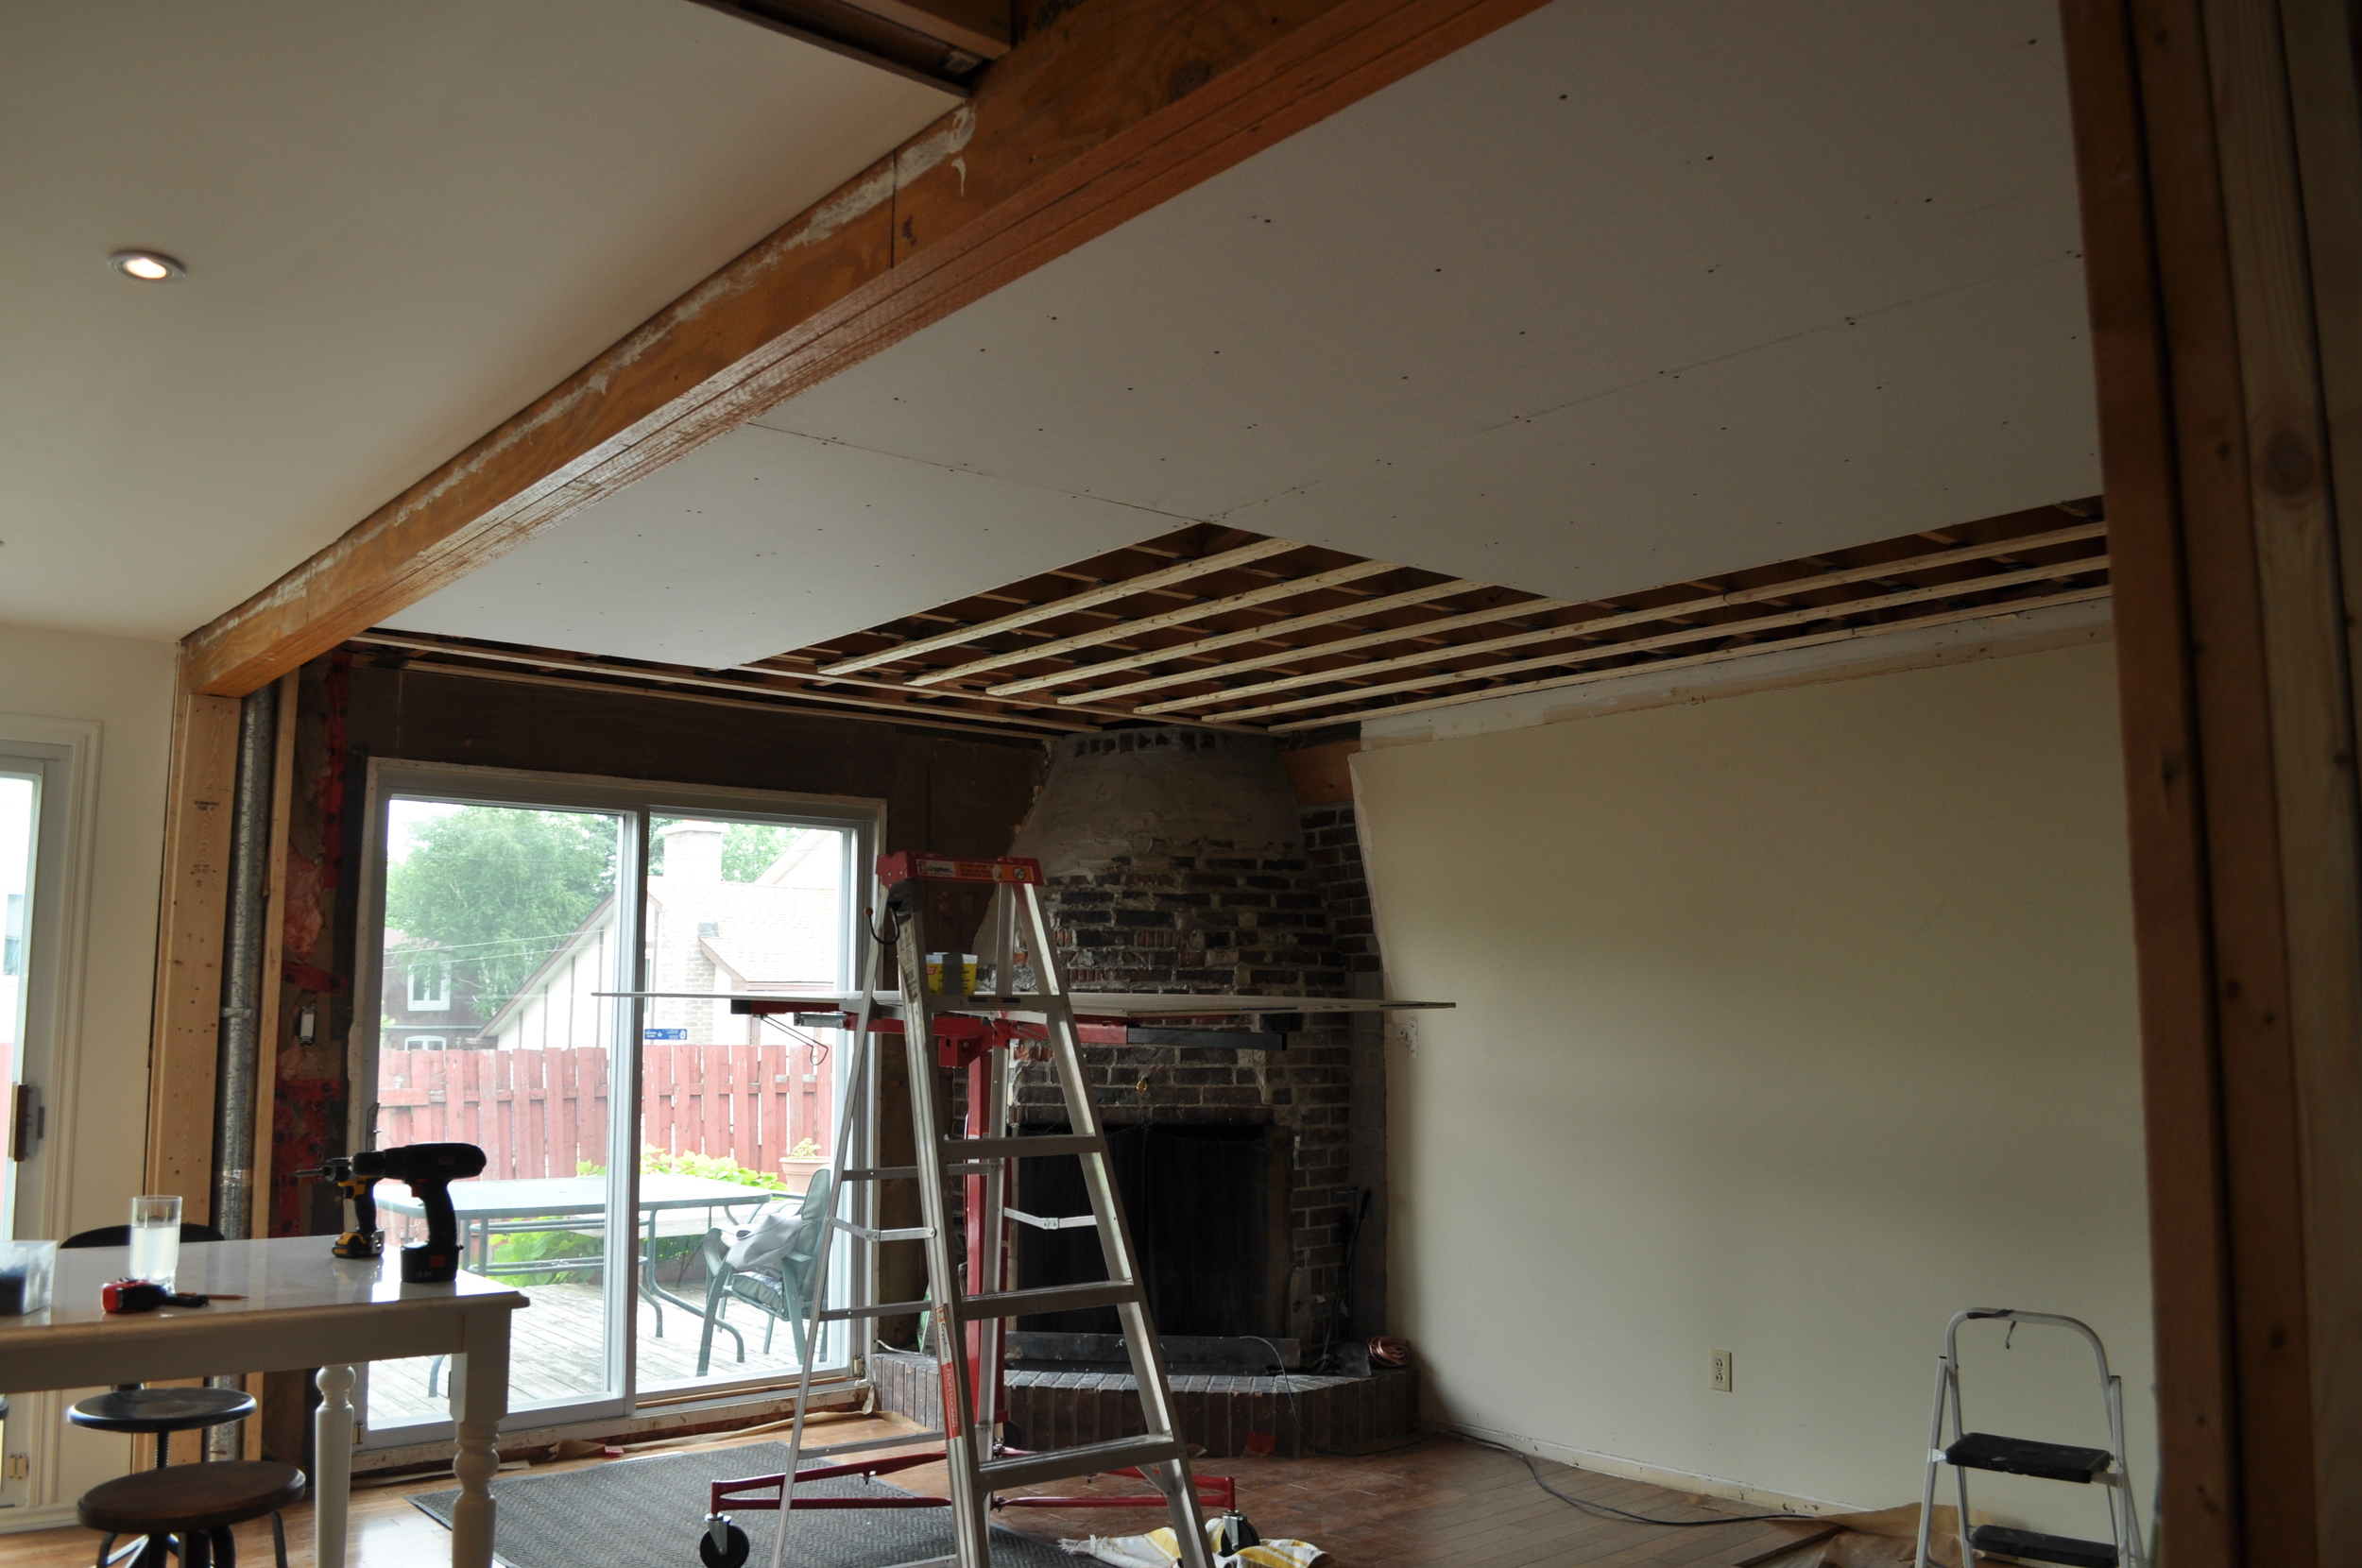 Family Room Gyprock install 2